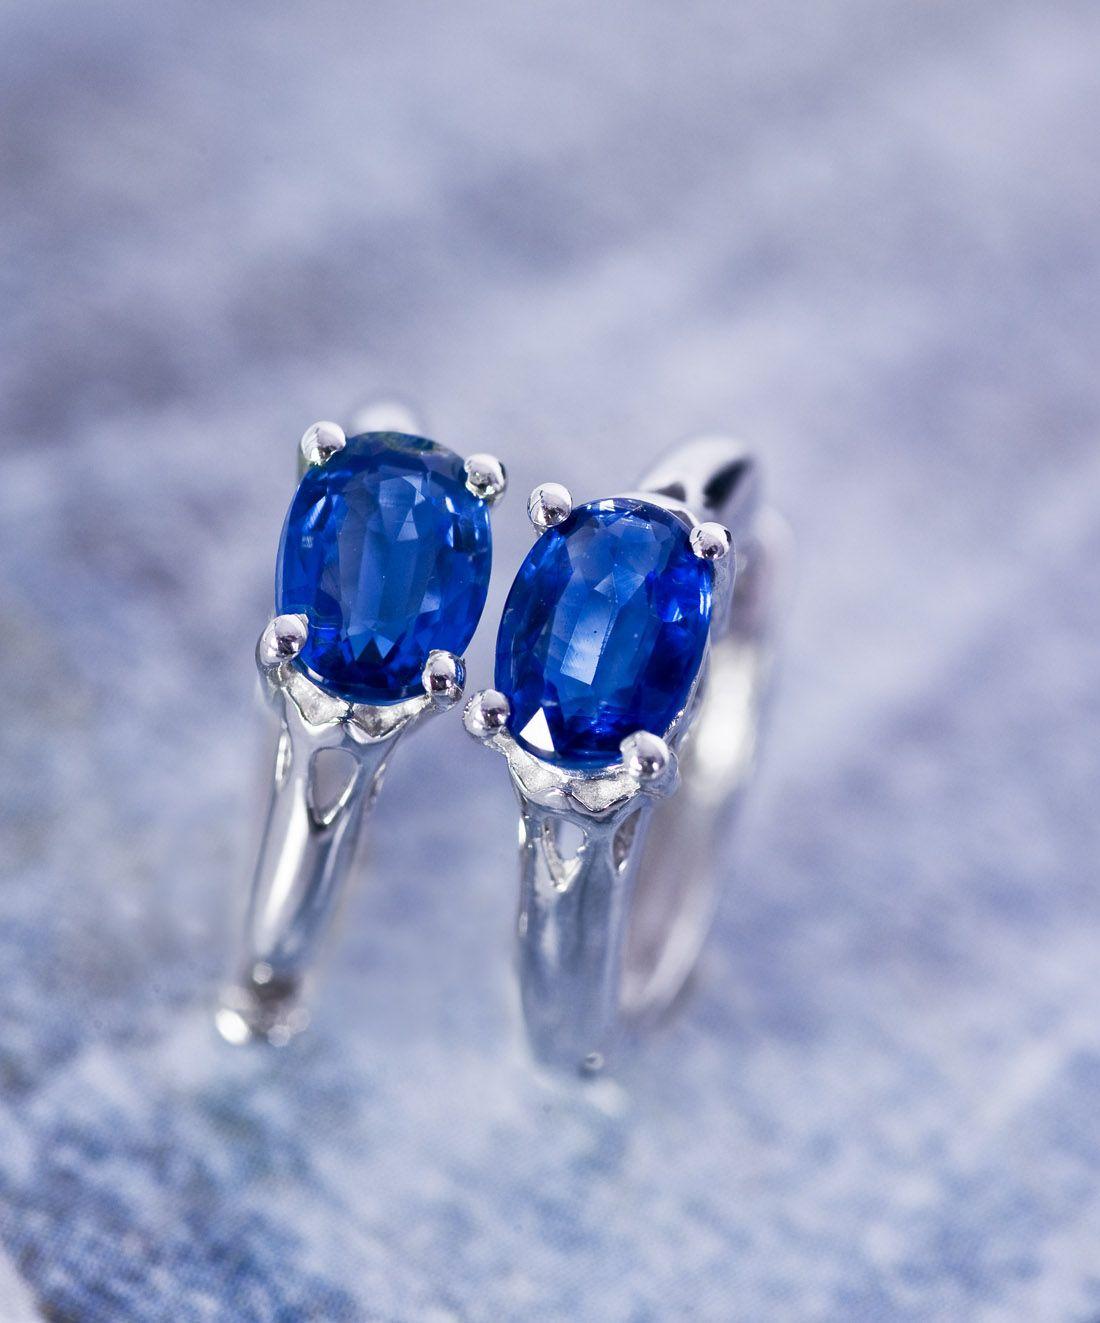 Www Liquidation Channel Com : liquidation, channel, Himalayan, Kyanite, Earrings, Liquidation, Channel, Gemstones, Jewelry,, Jewelry